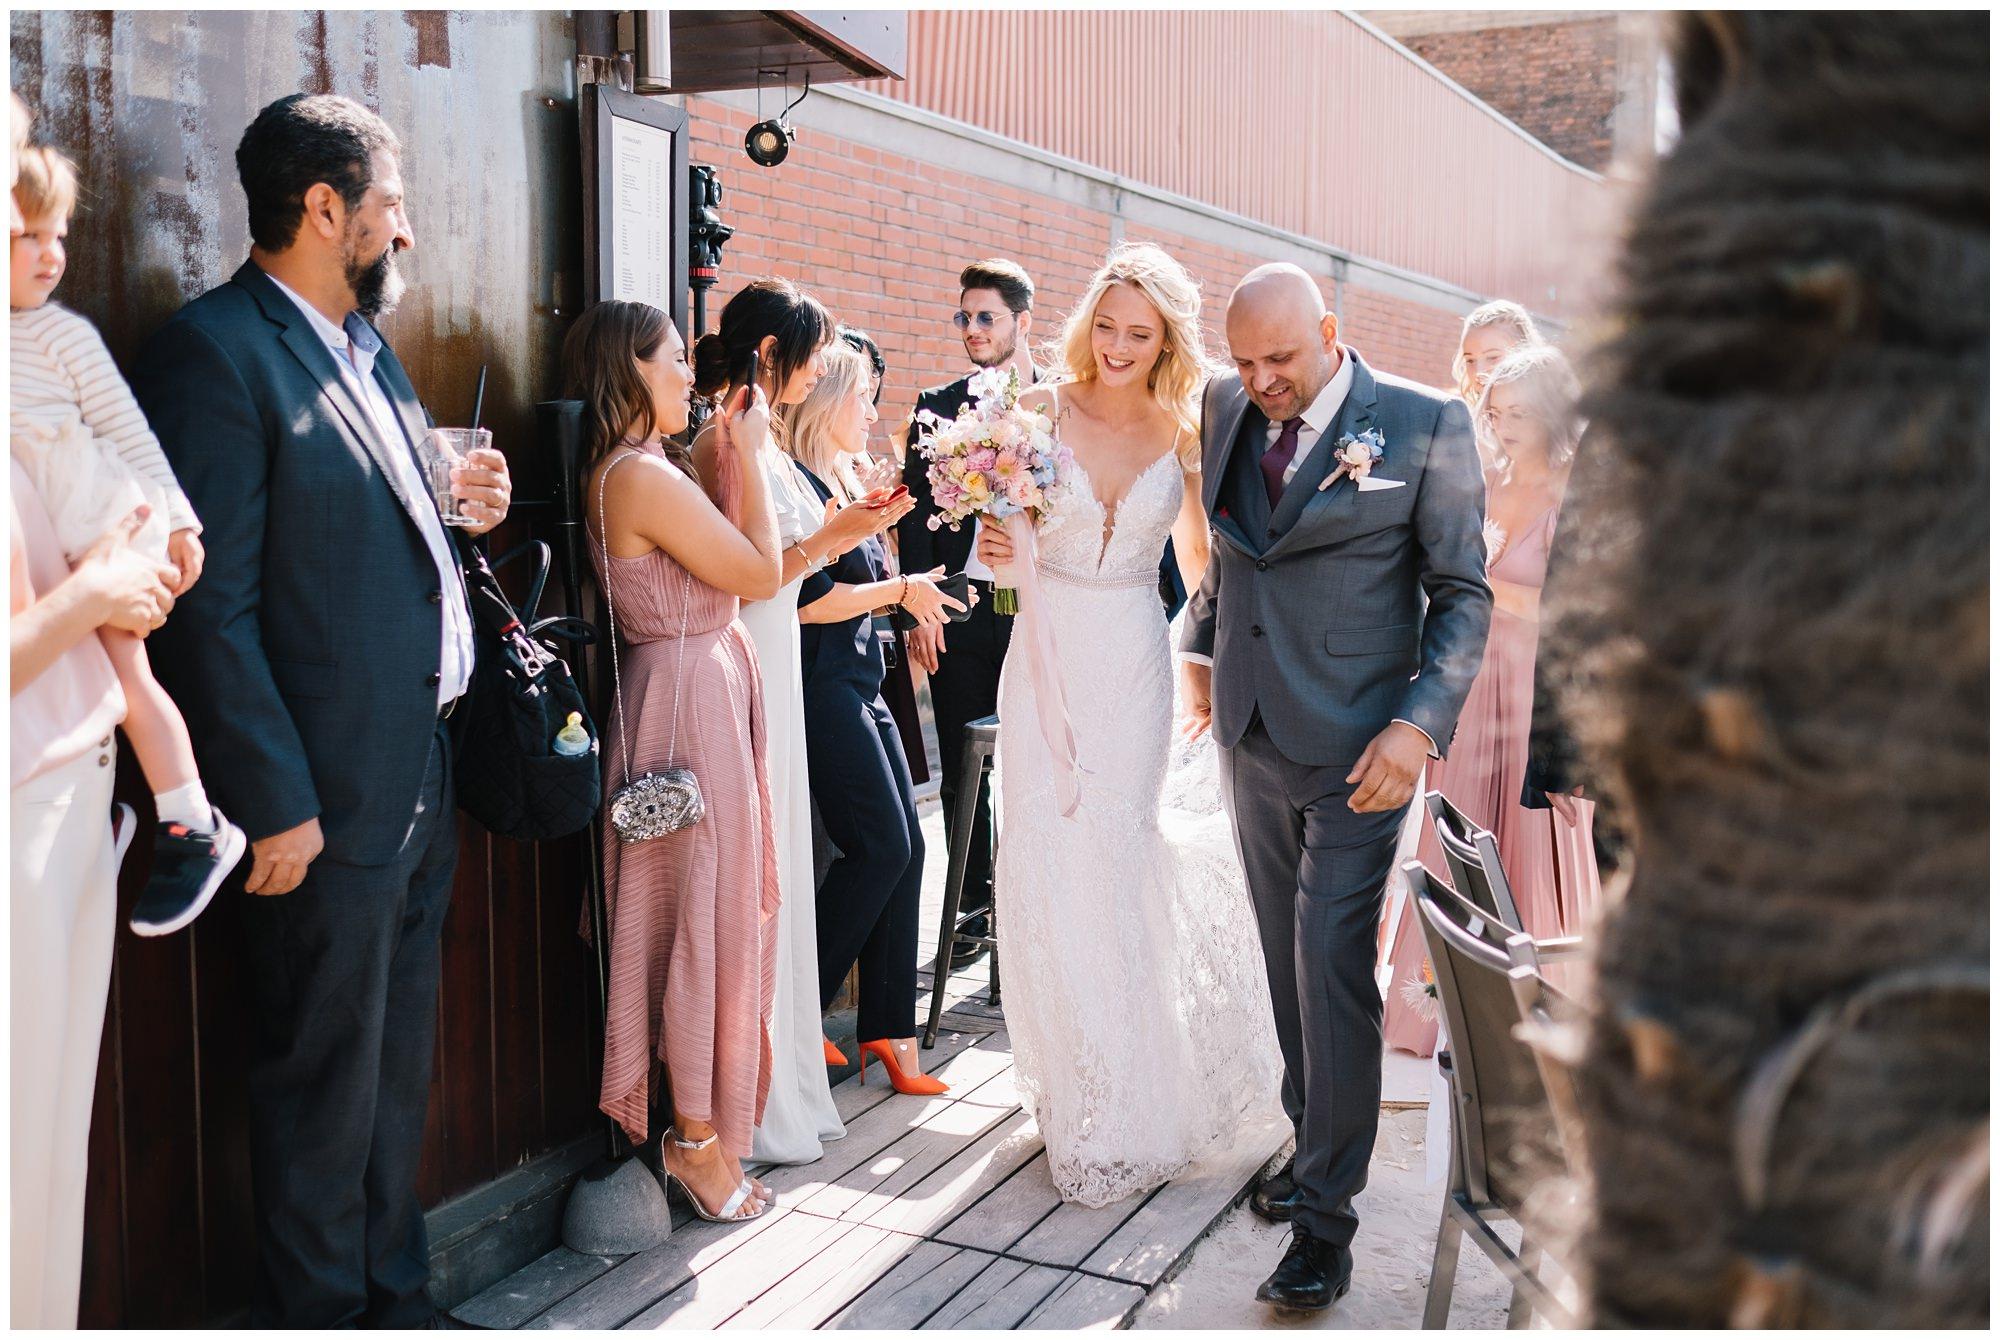 Hochzeit-Manufaktur-Mannheim-Wiegelmann-56_web.jpg